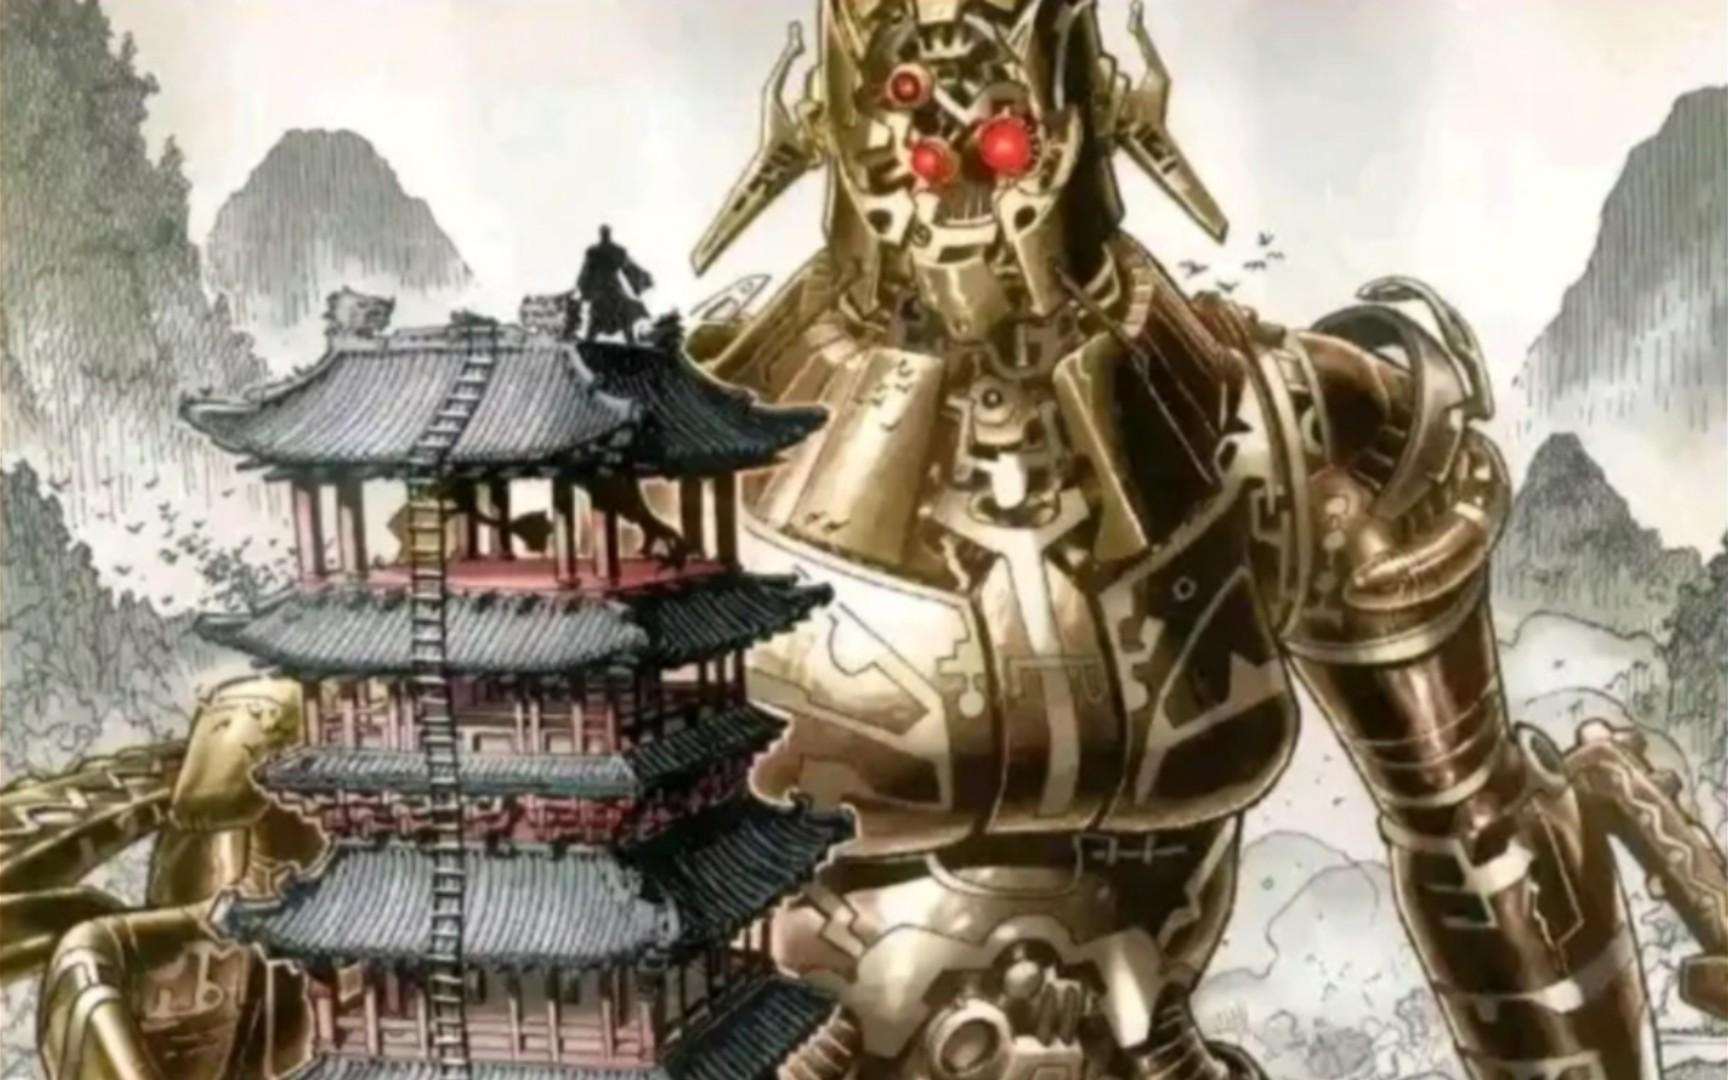 写了一篇漫威里的中国元素的文章,大家可以点我头像看一看